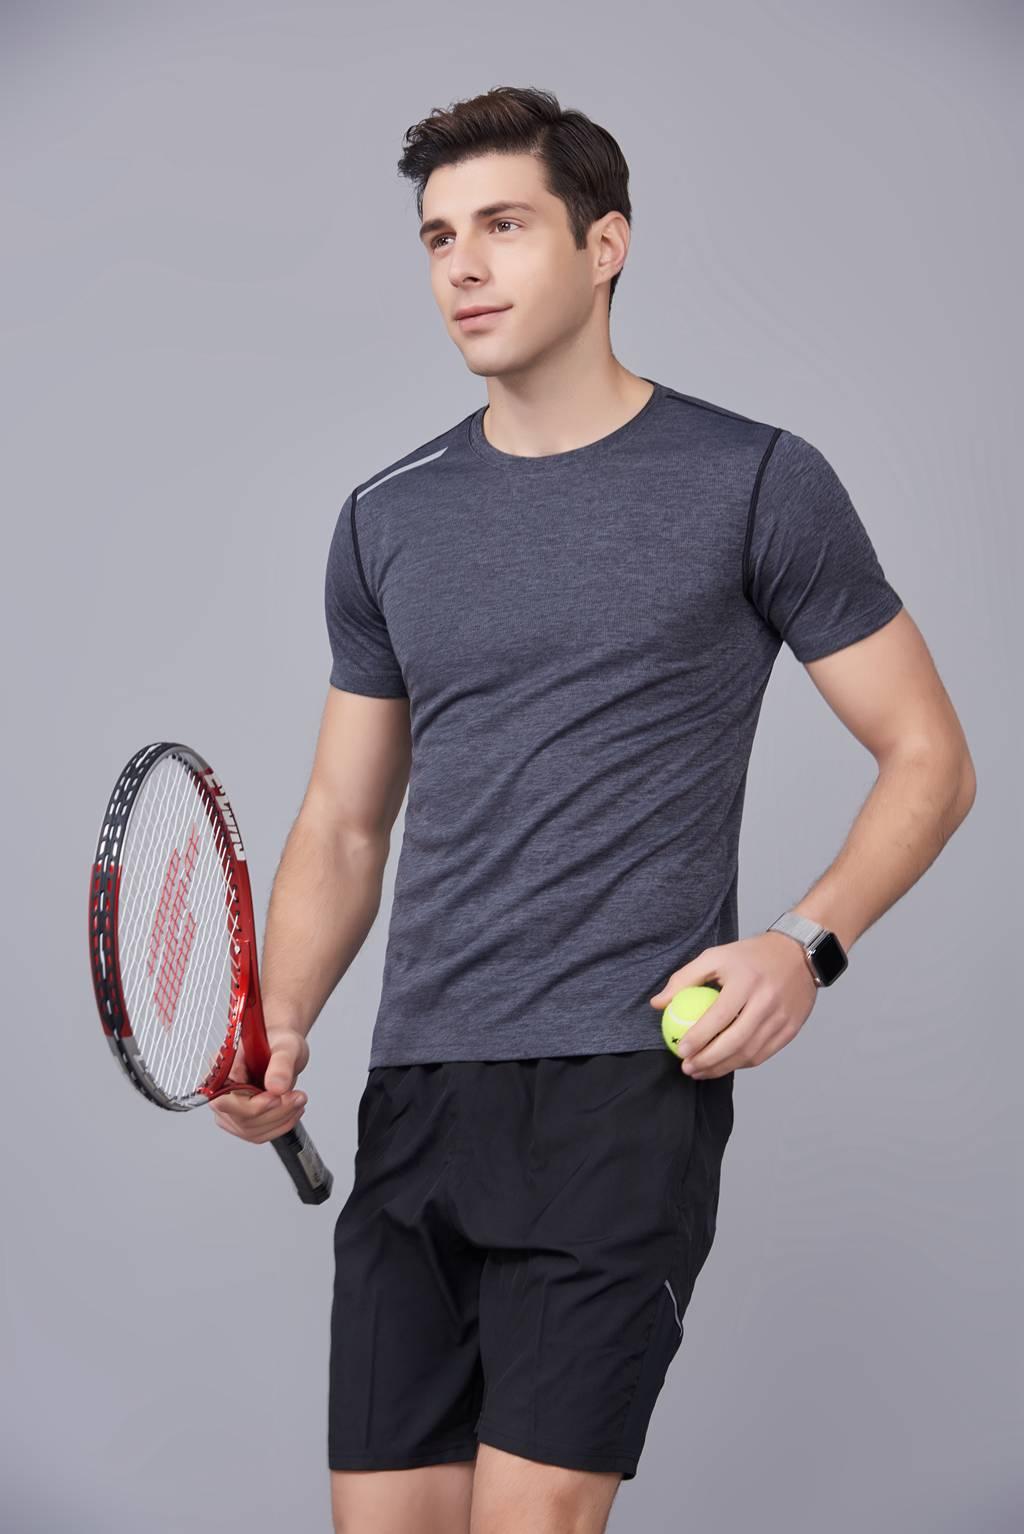 短袖T恤 潮流休闲款圆领吸汗运动上衣 男款深灰色